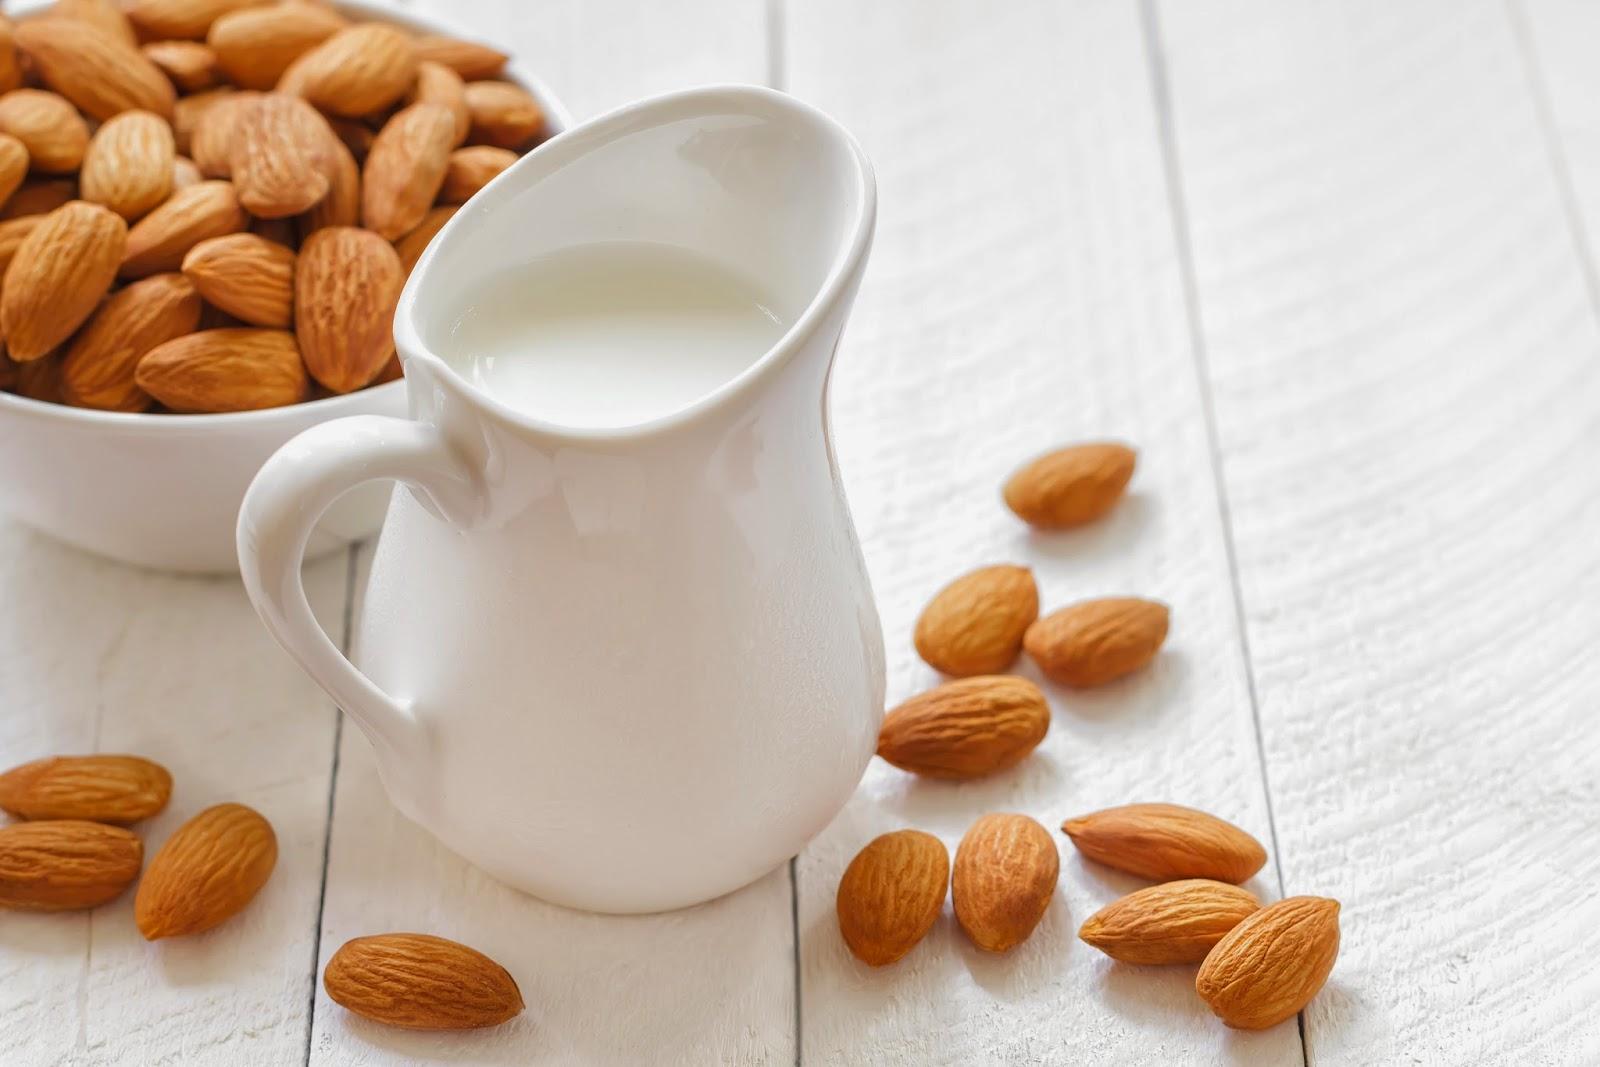 công dụng của sữa thực vật6